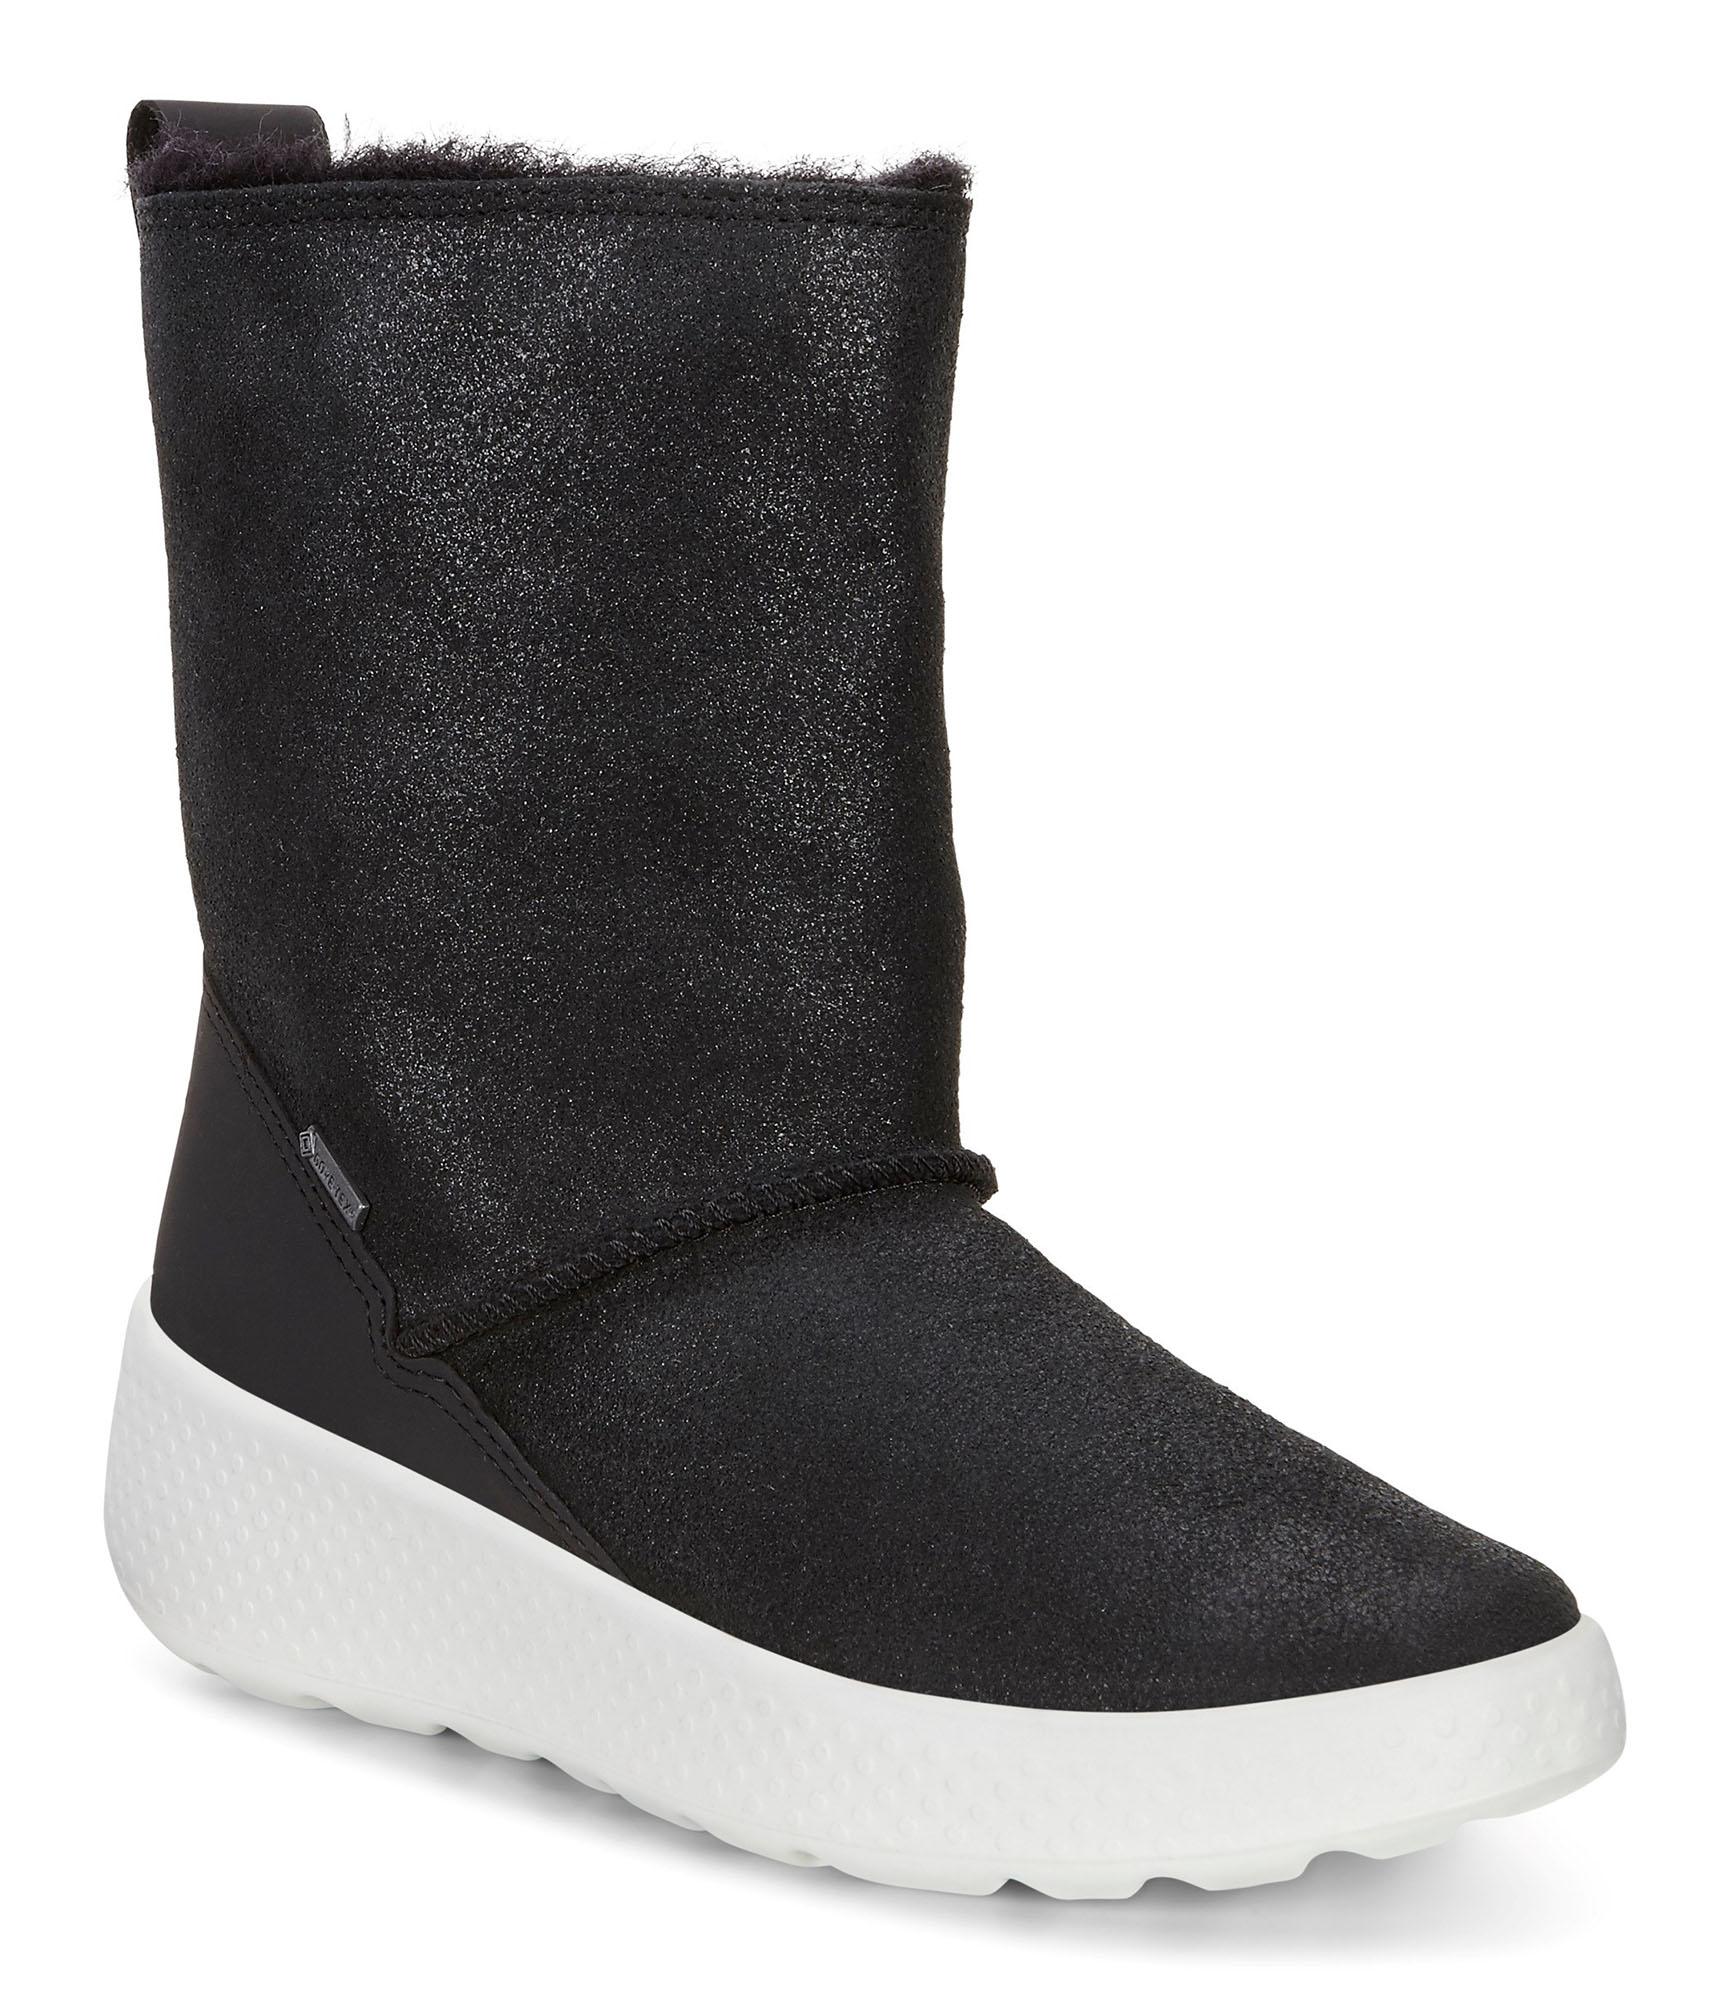 ecco Winter Sneaker für die kalte Jahreszeit | ZALANDO